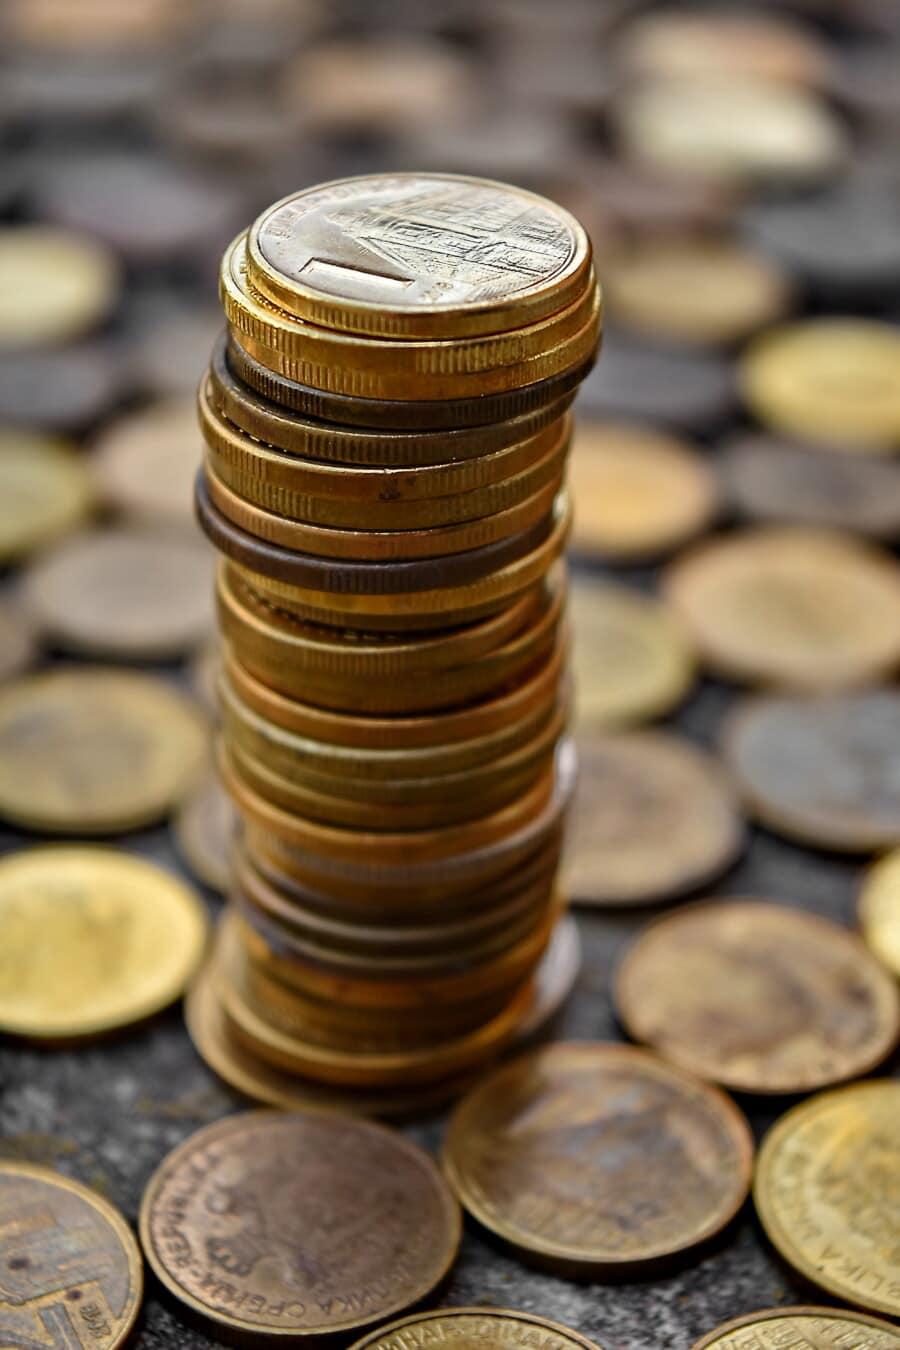 pièces de monnaie, Dollar, Metal, fortune, riche, investissement, cent, de nombreux, argent, pile